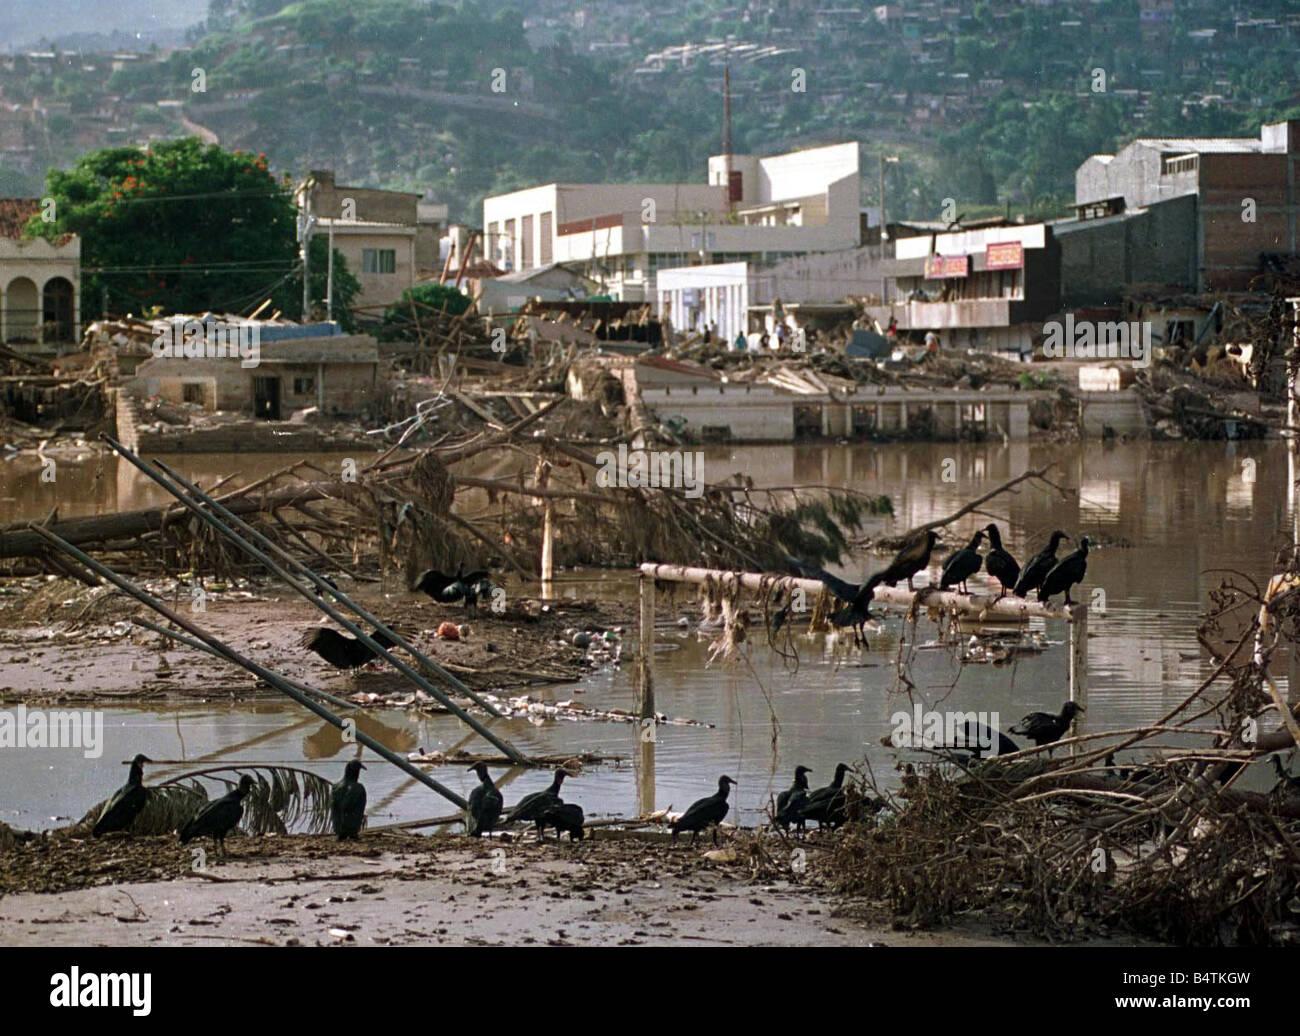 Honduras Weather Hurricane Mitch Nov 1998 BLACK VULTURES REST ON